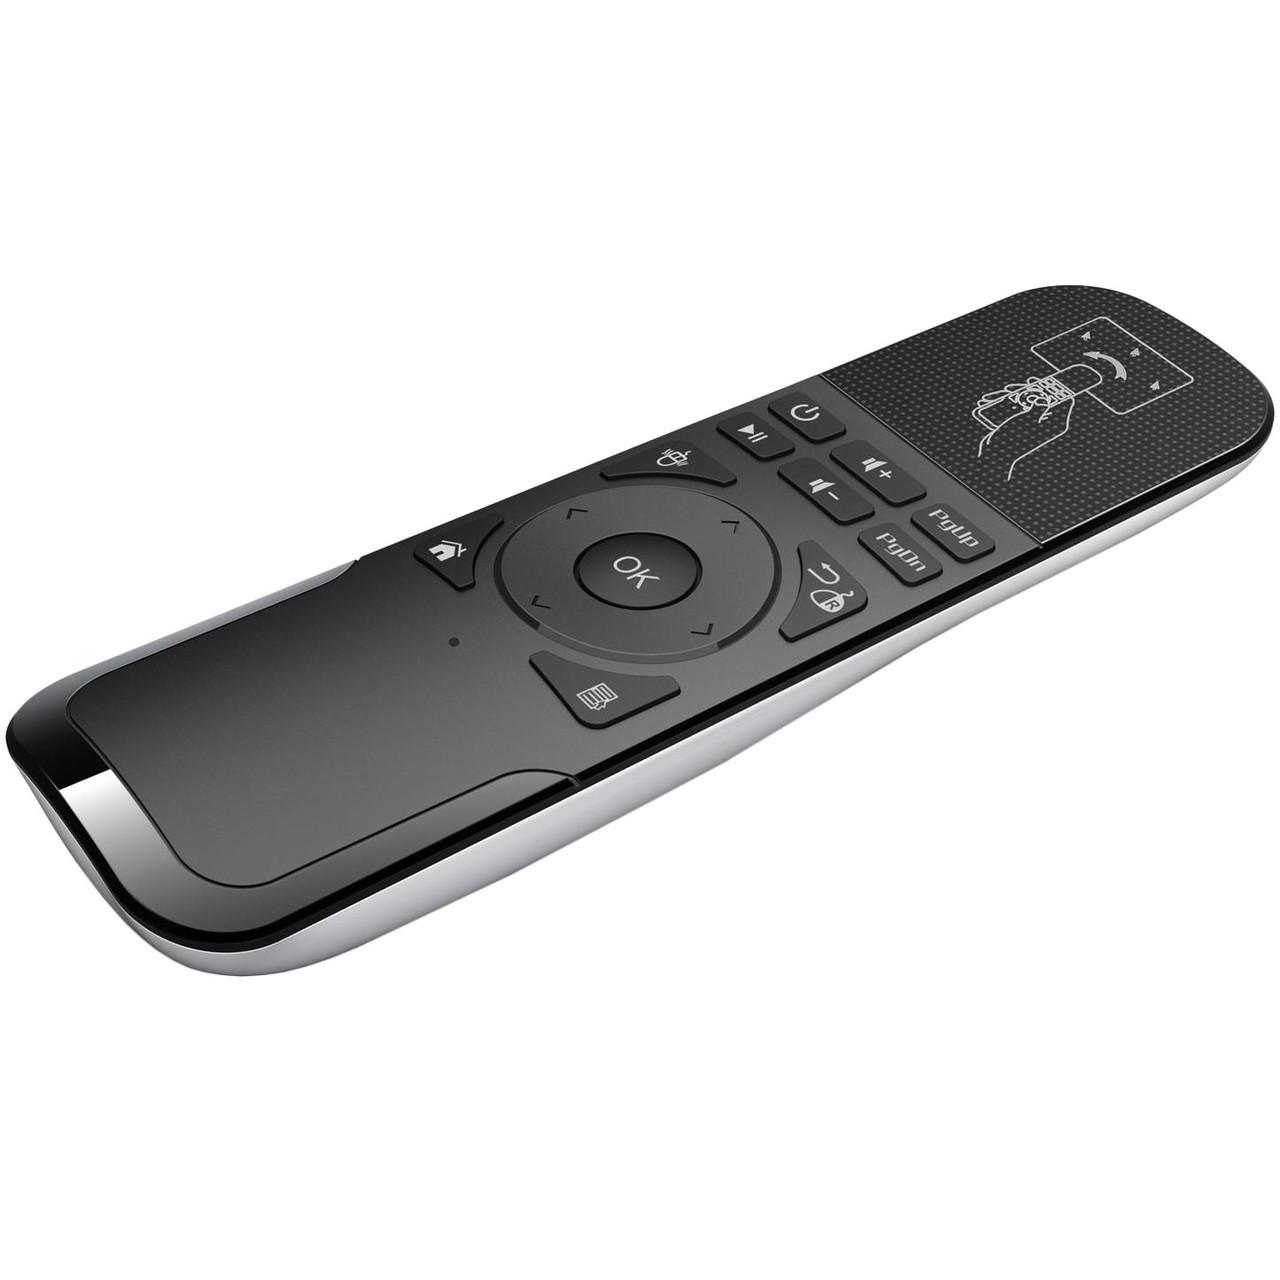 Kivi smart remote AK86 (rt-mwks07)